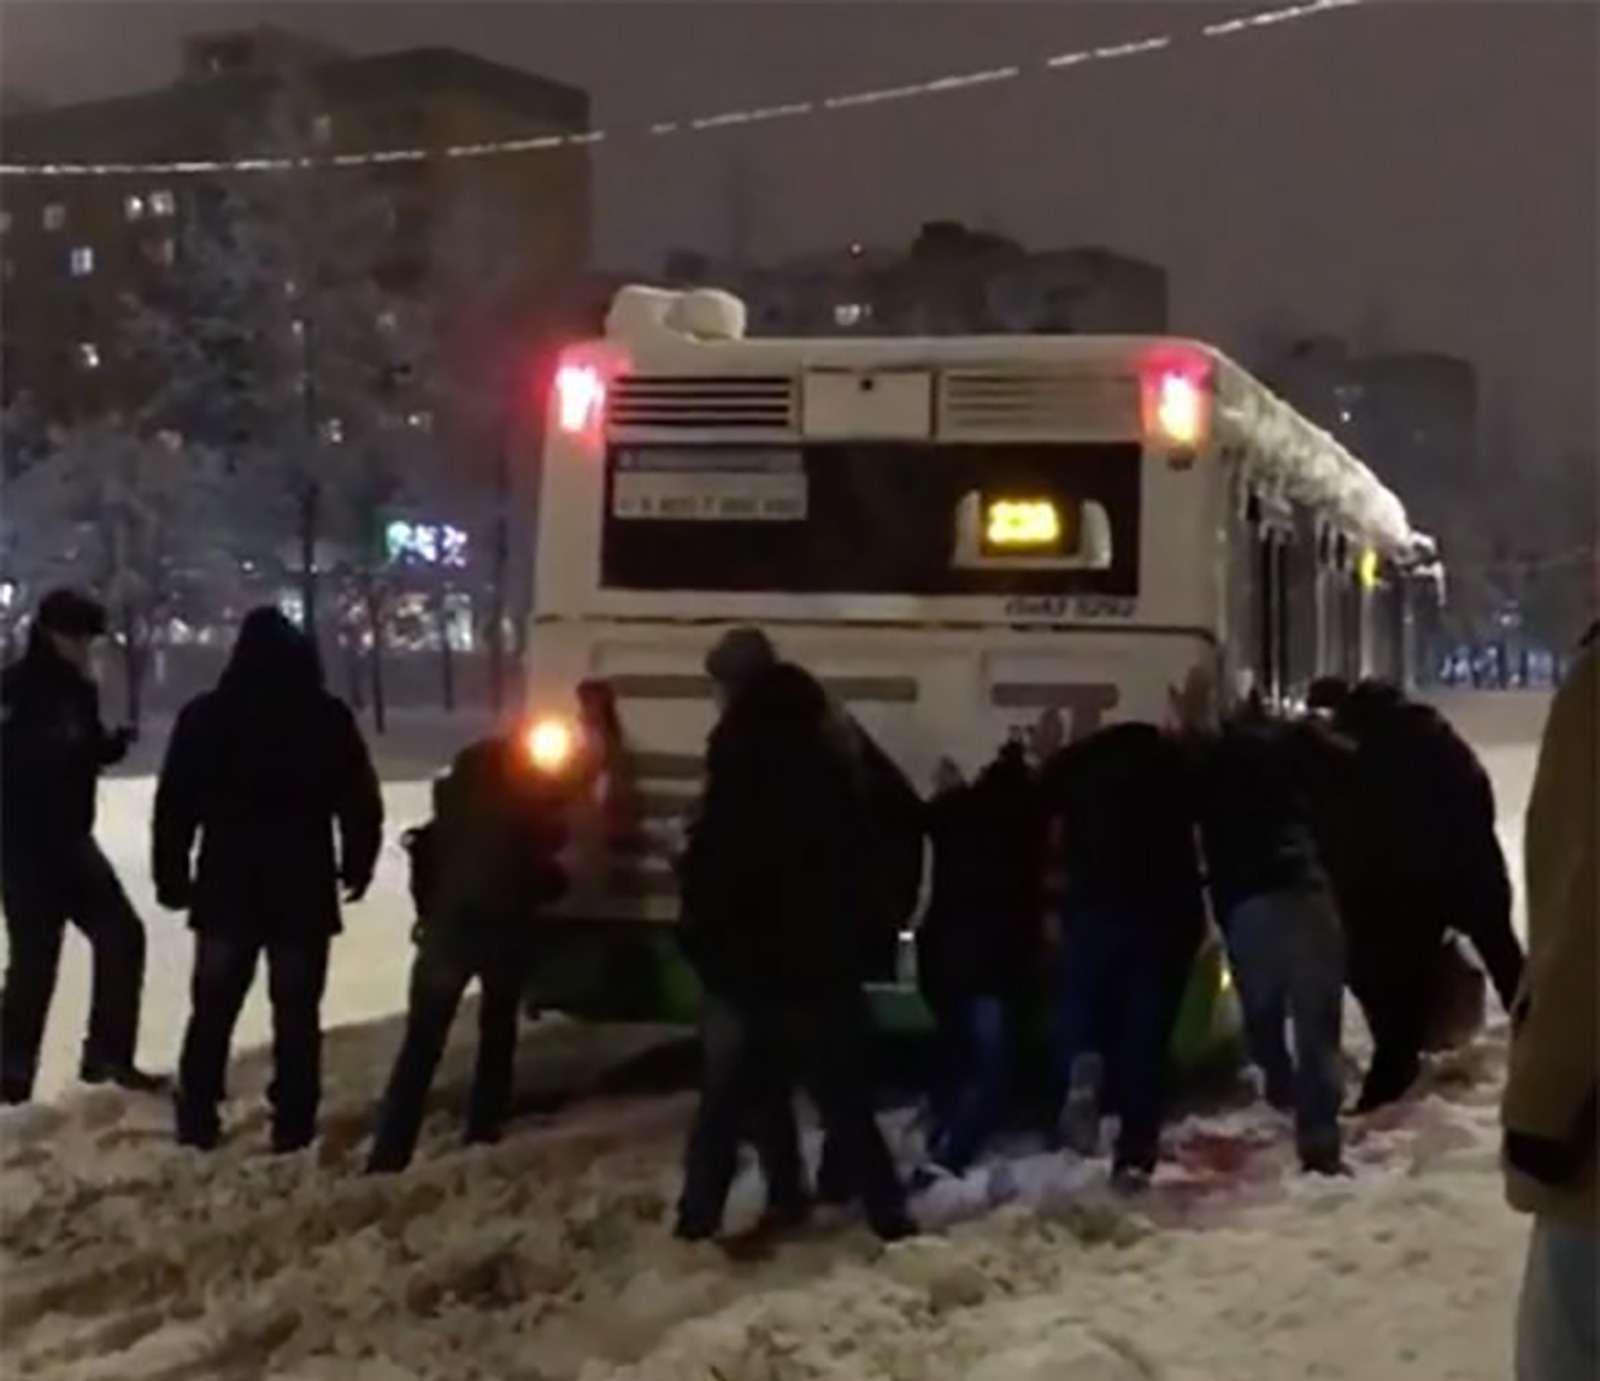 «Снегопад века»: как в Москве пережили первый катаклизм года - фото 842114